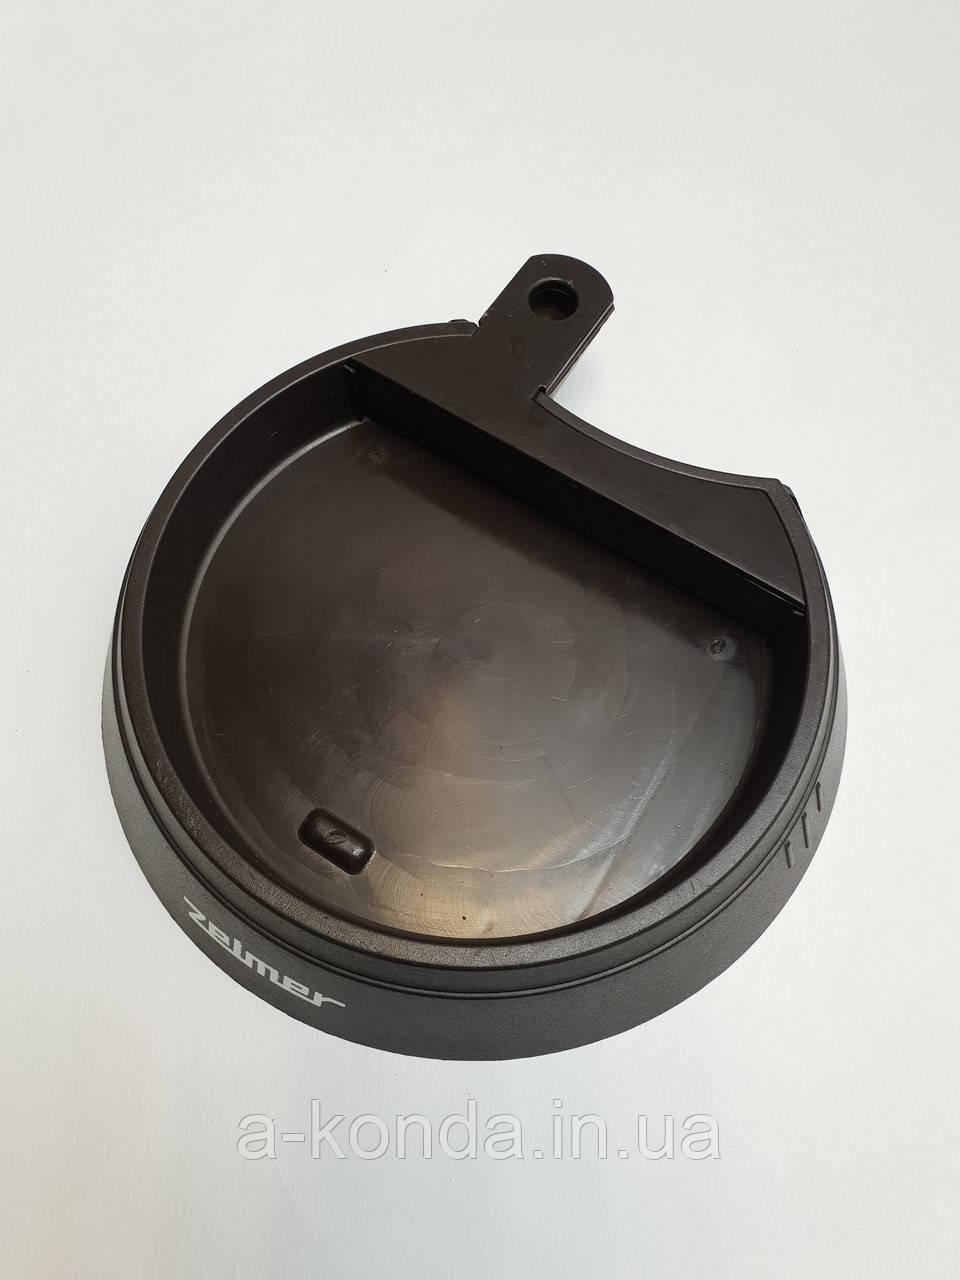 Поддон для капель для кофеварки Zelmer 13z014